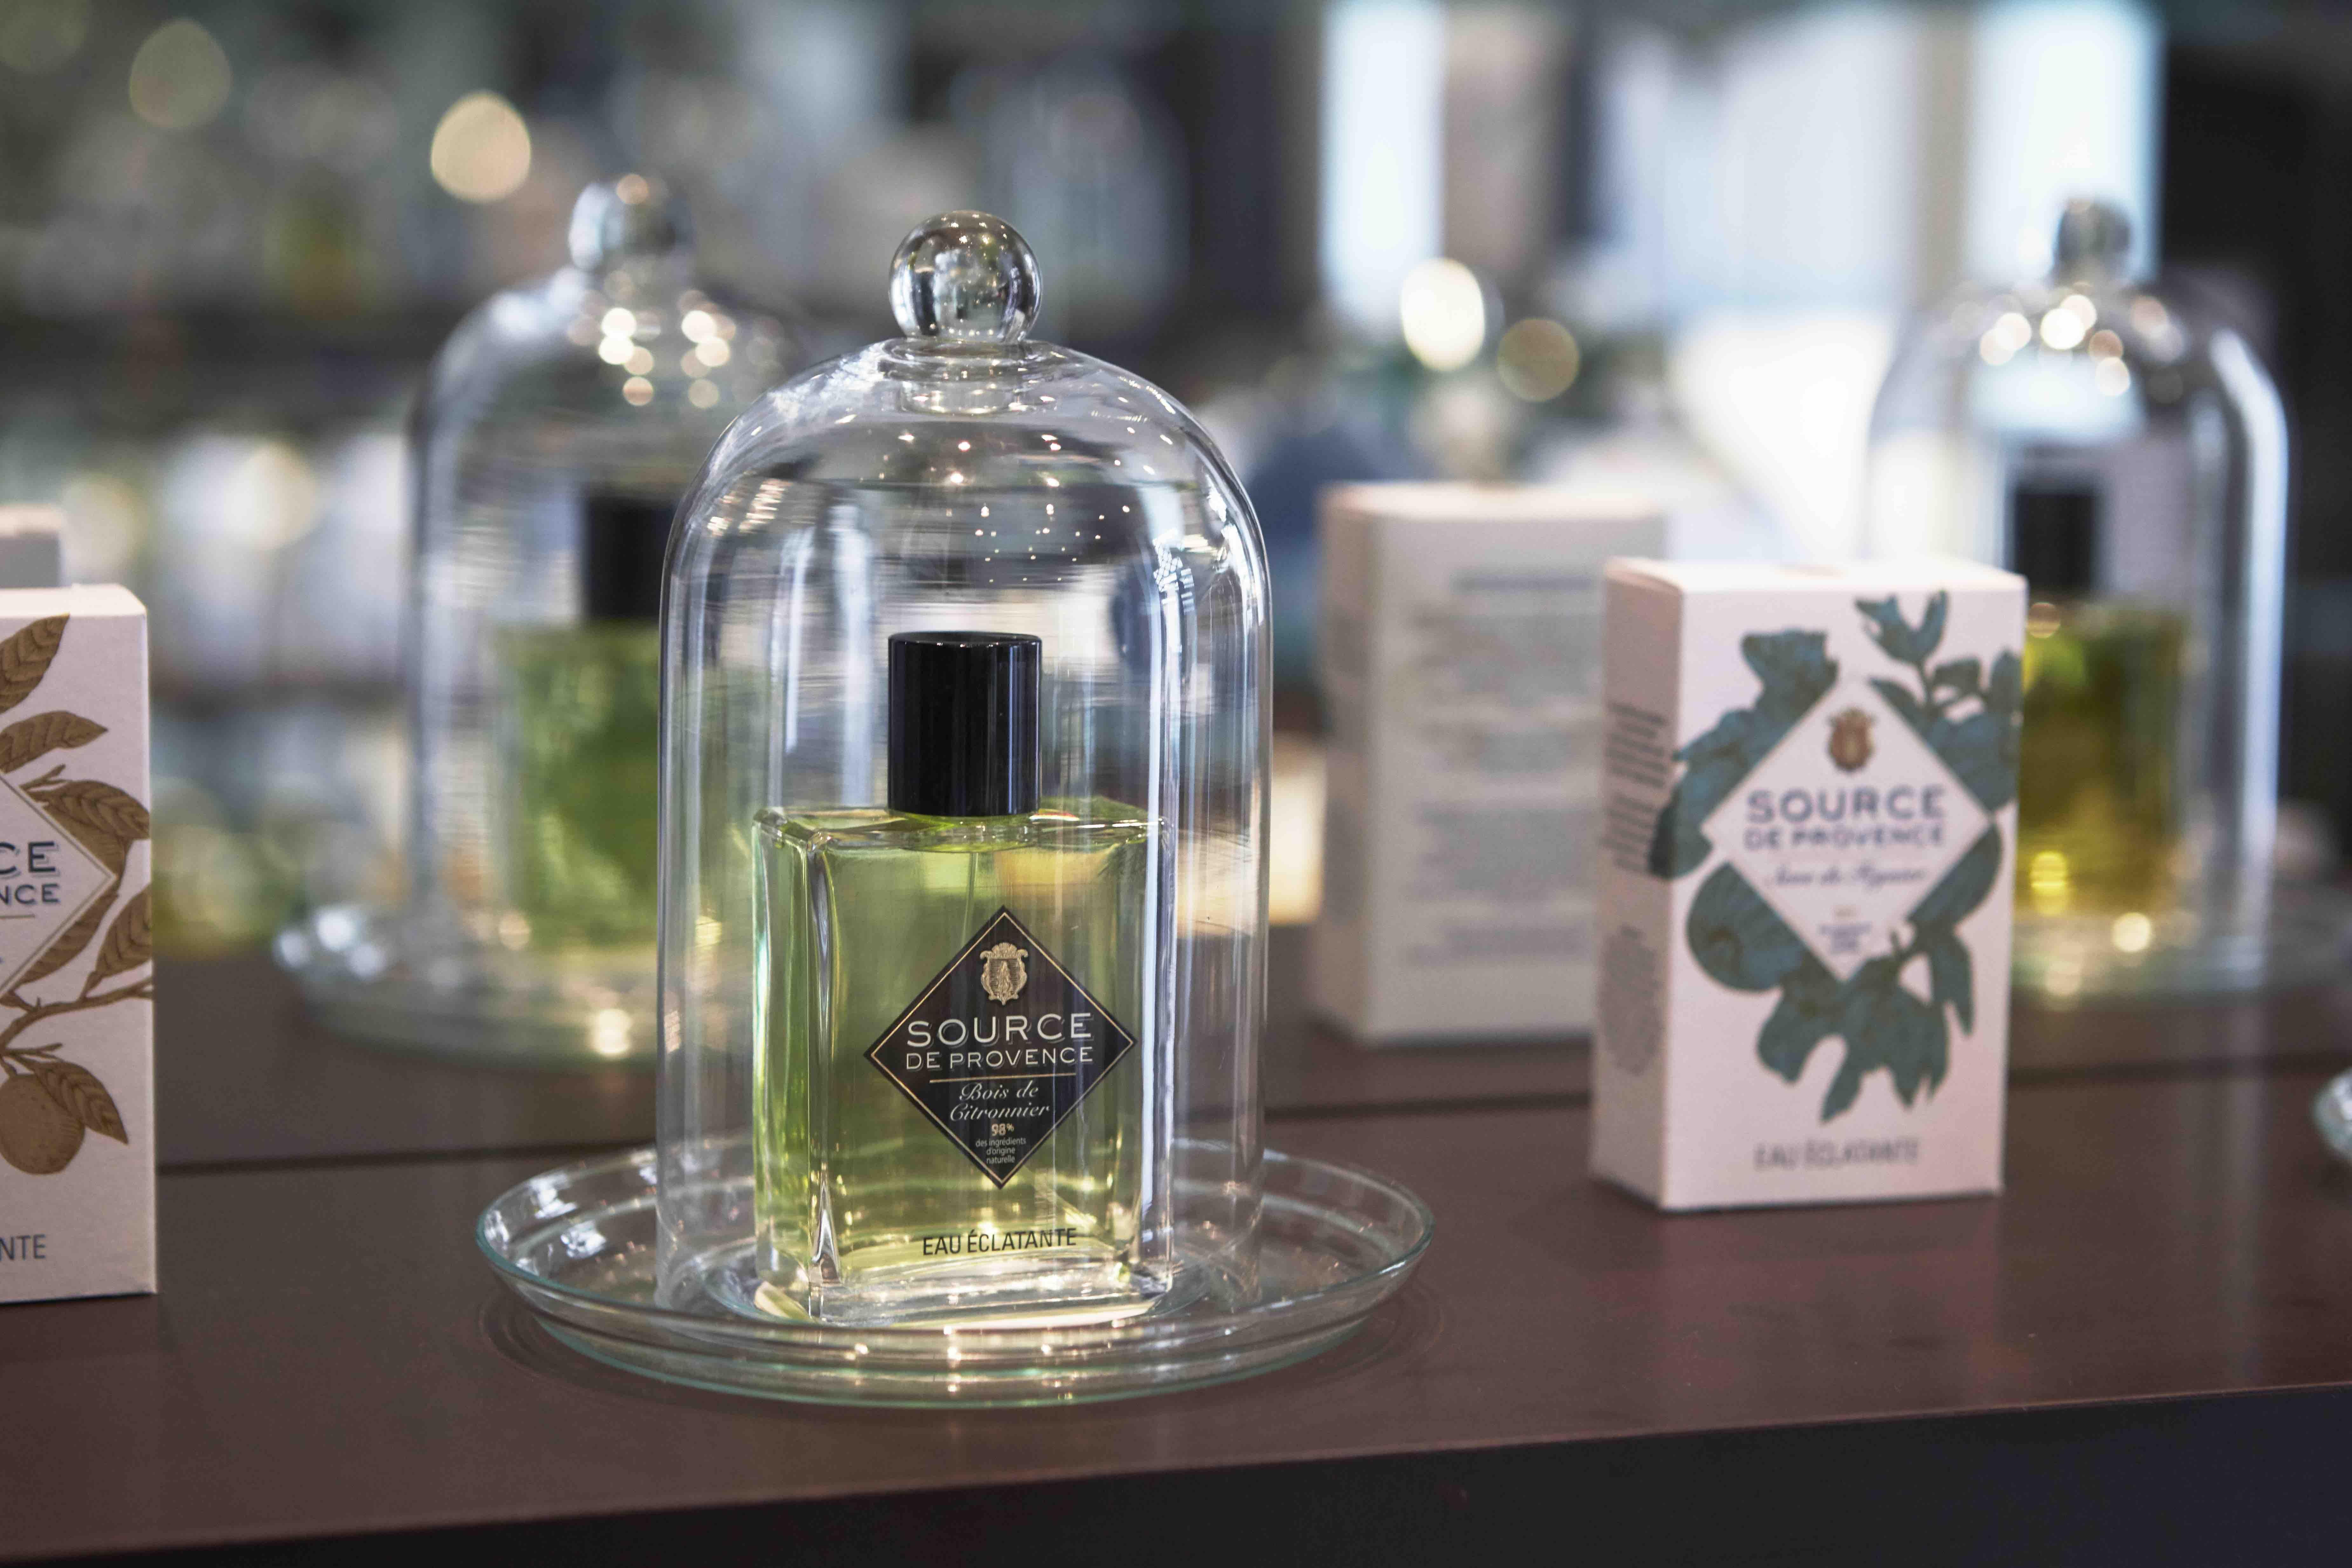 Parfum Source de Provence